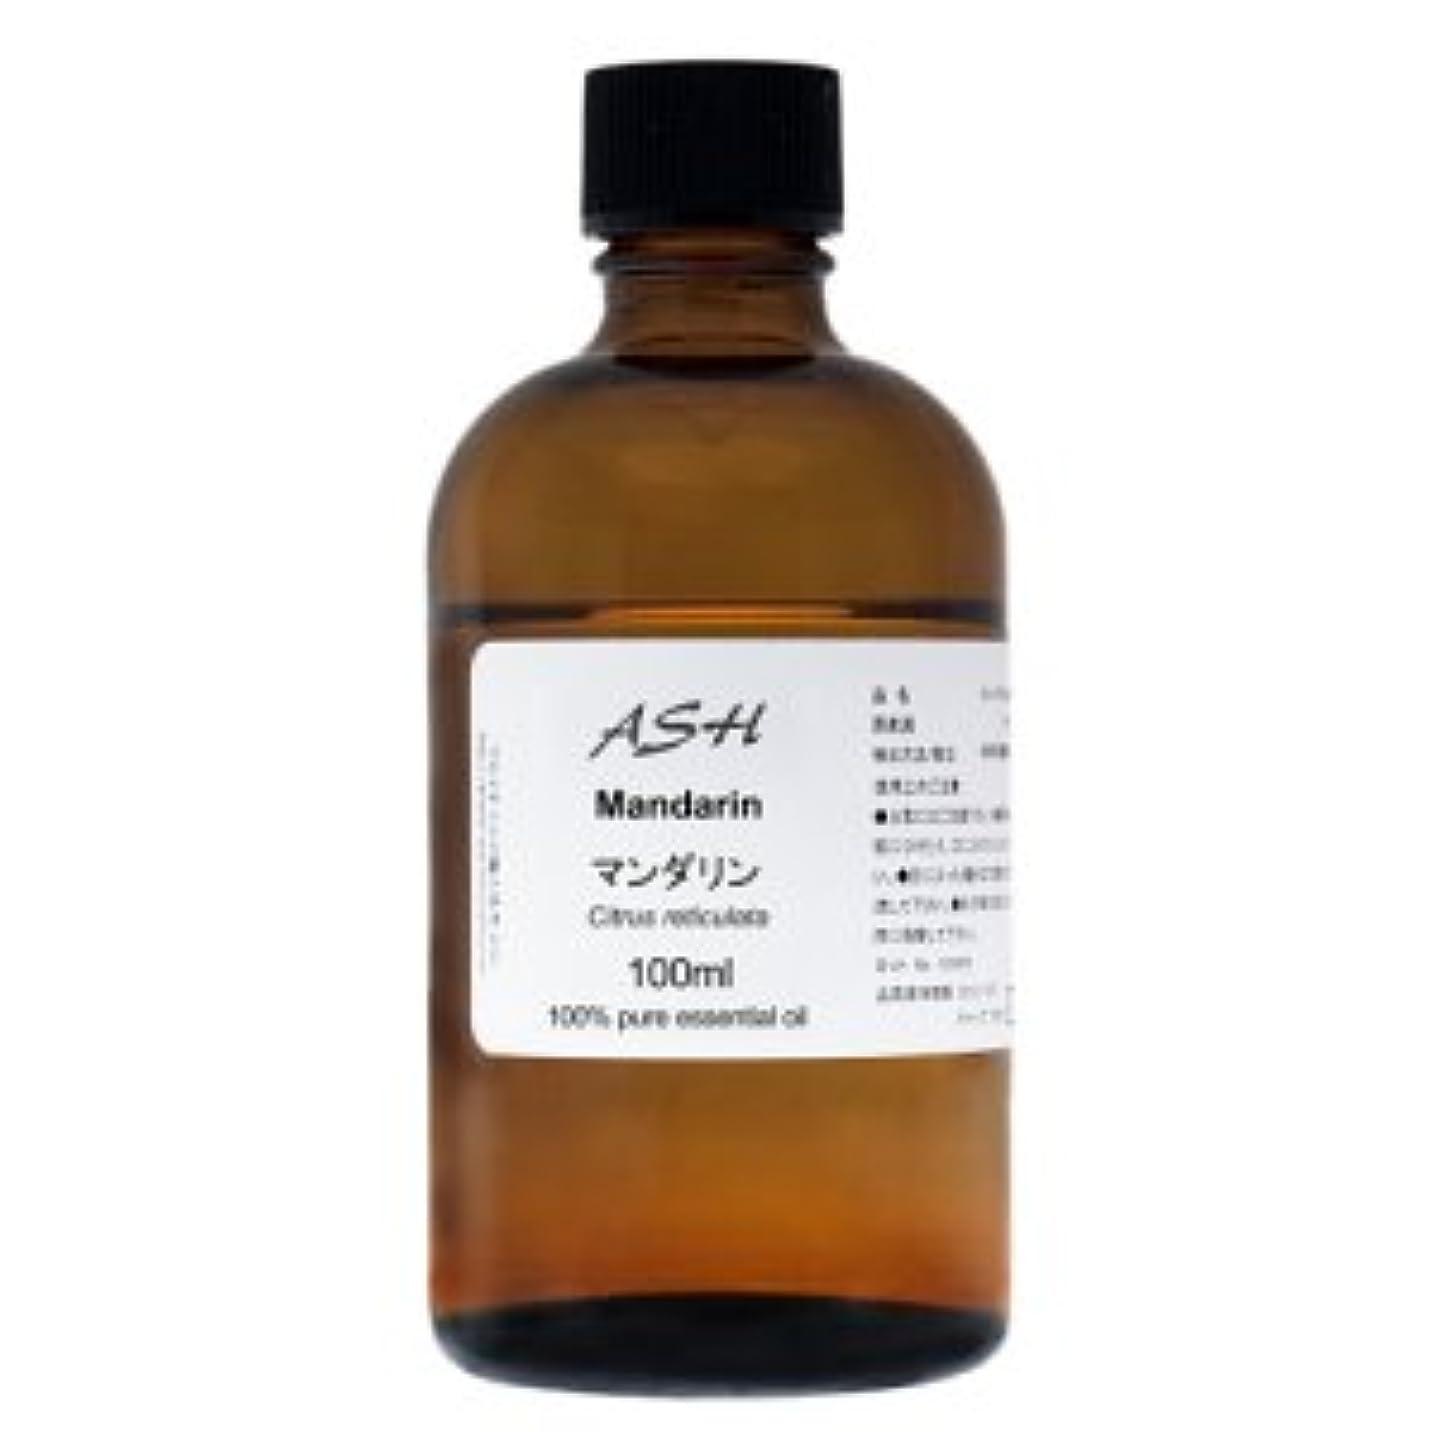 失効落花生妖精ASH マンダリン エッセンシャルオイル 100ml AEAJ表示基準適合認定精油